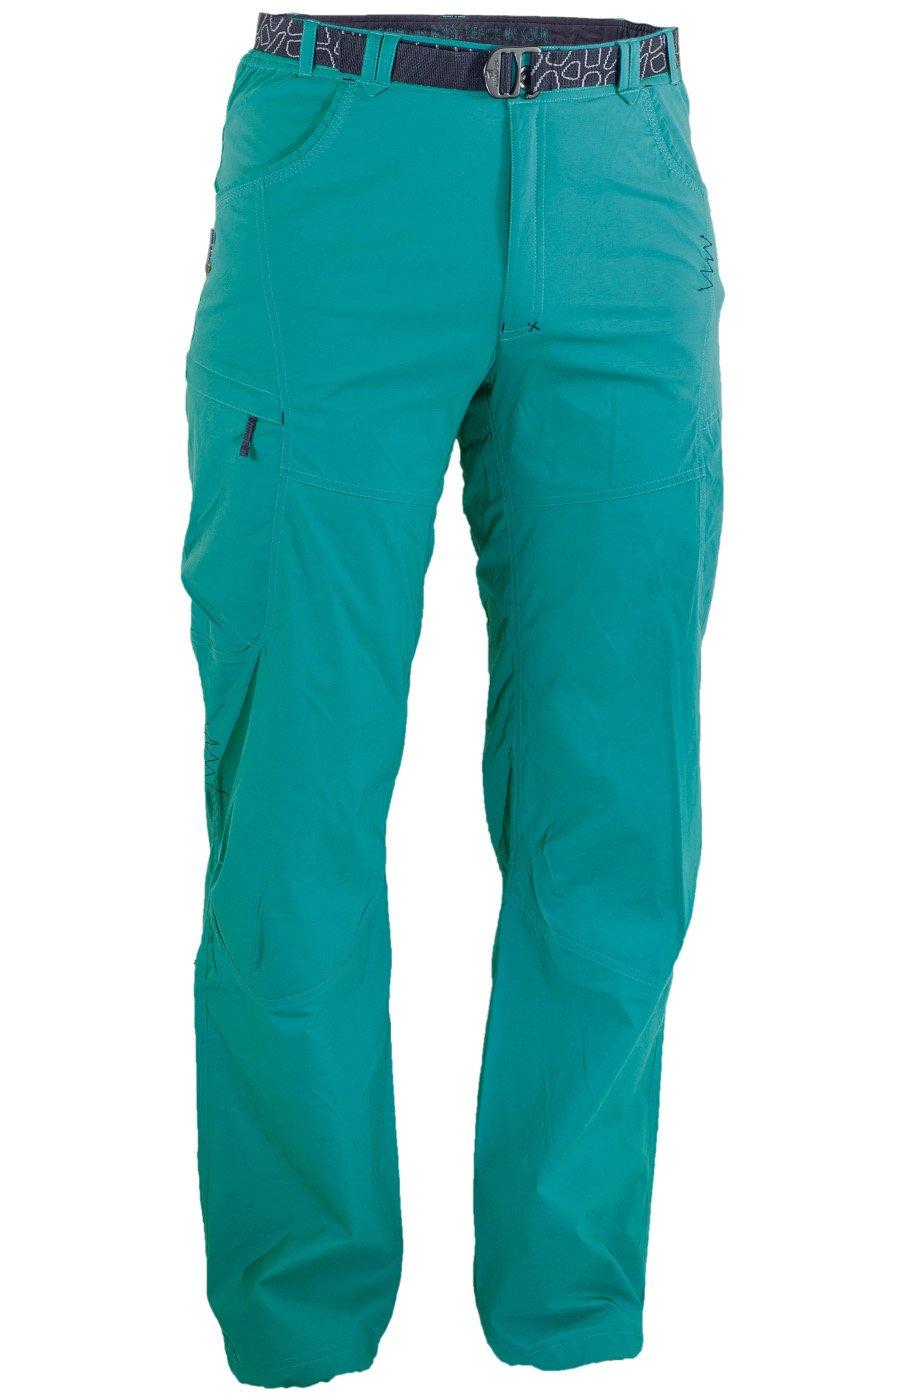 Warmpeace Corsar Pants leichte Outdoor Hose Trekkinghose Herren navigate (blau)